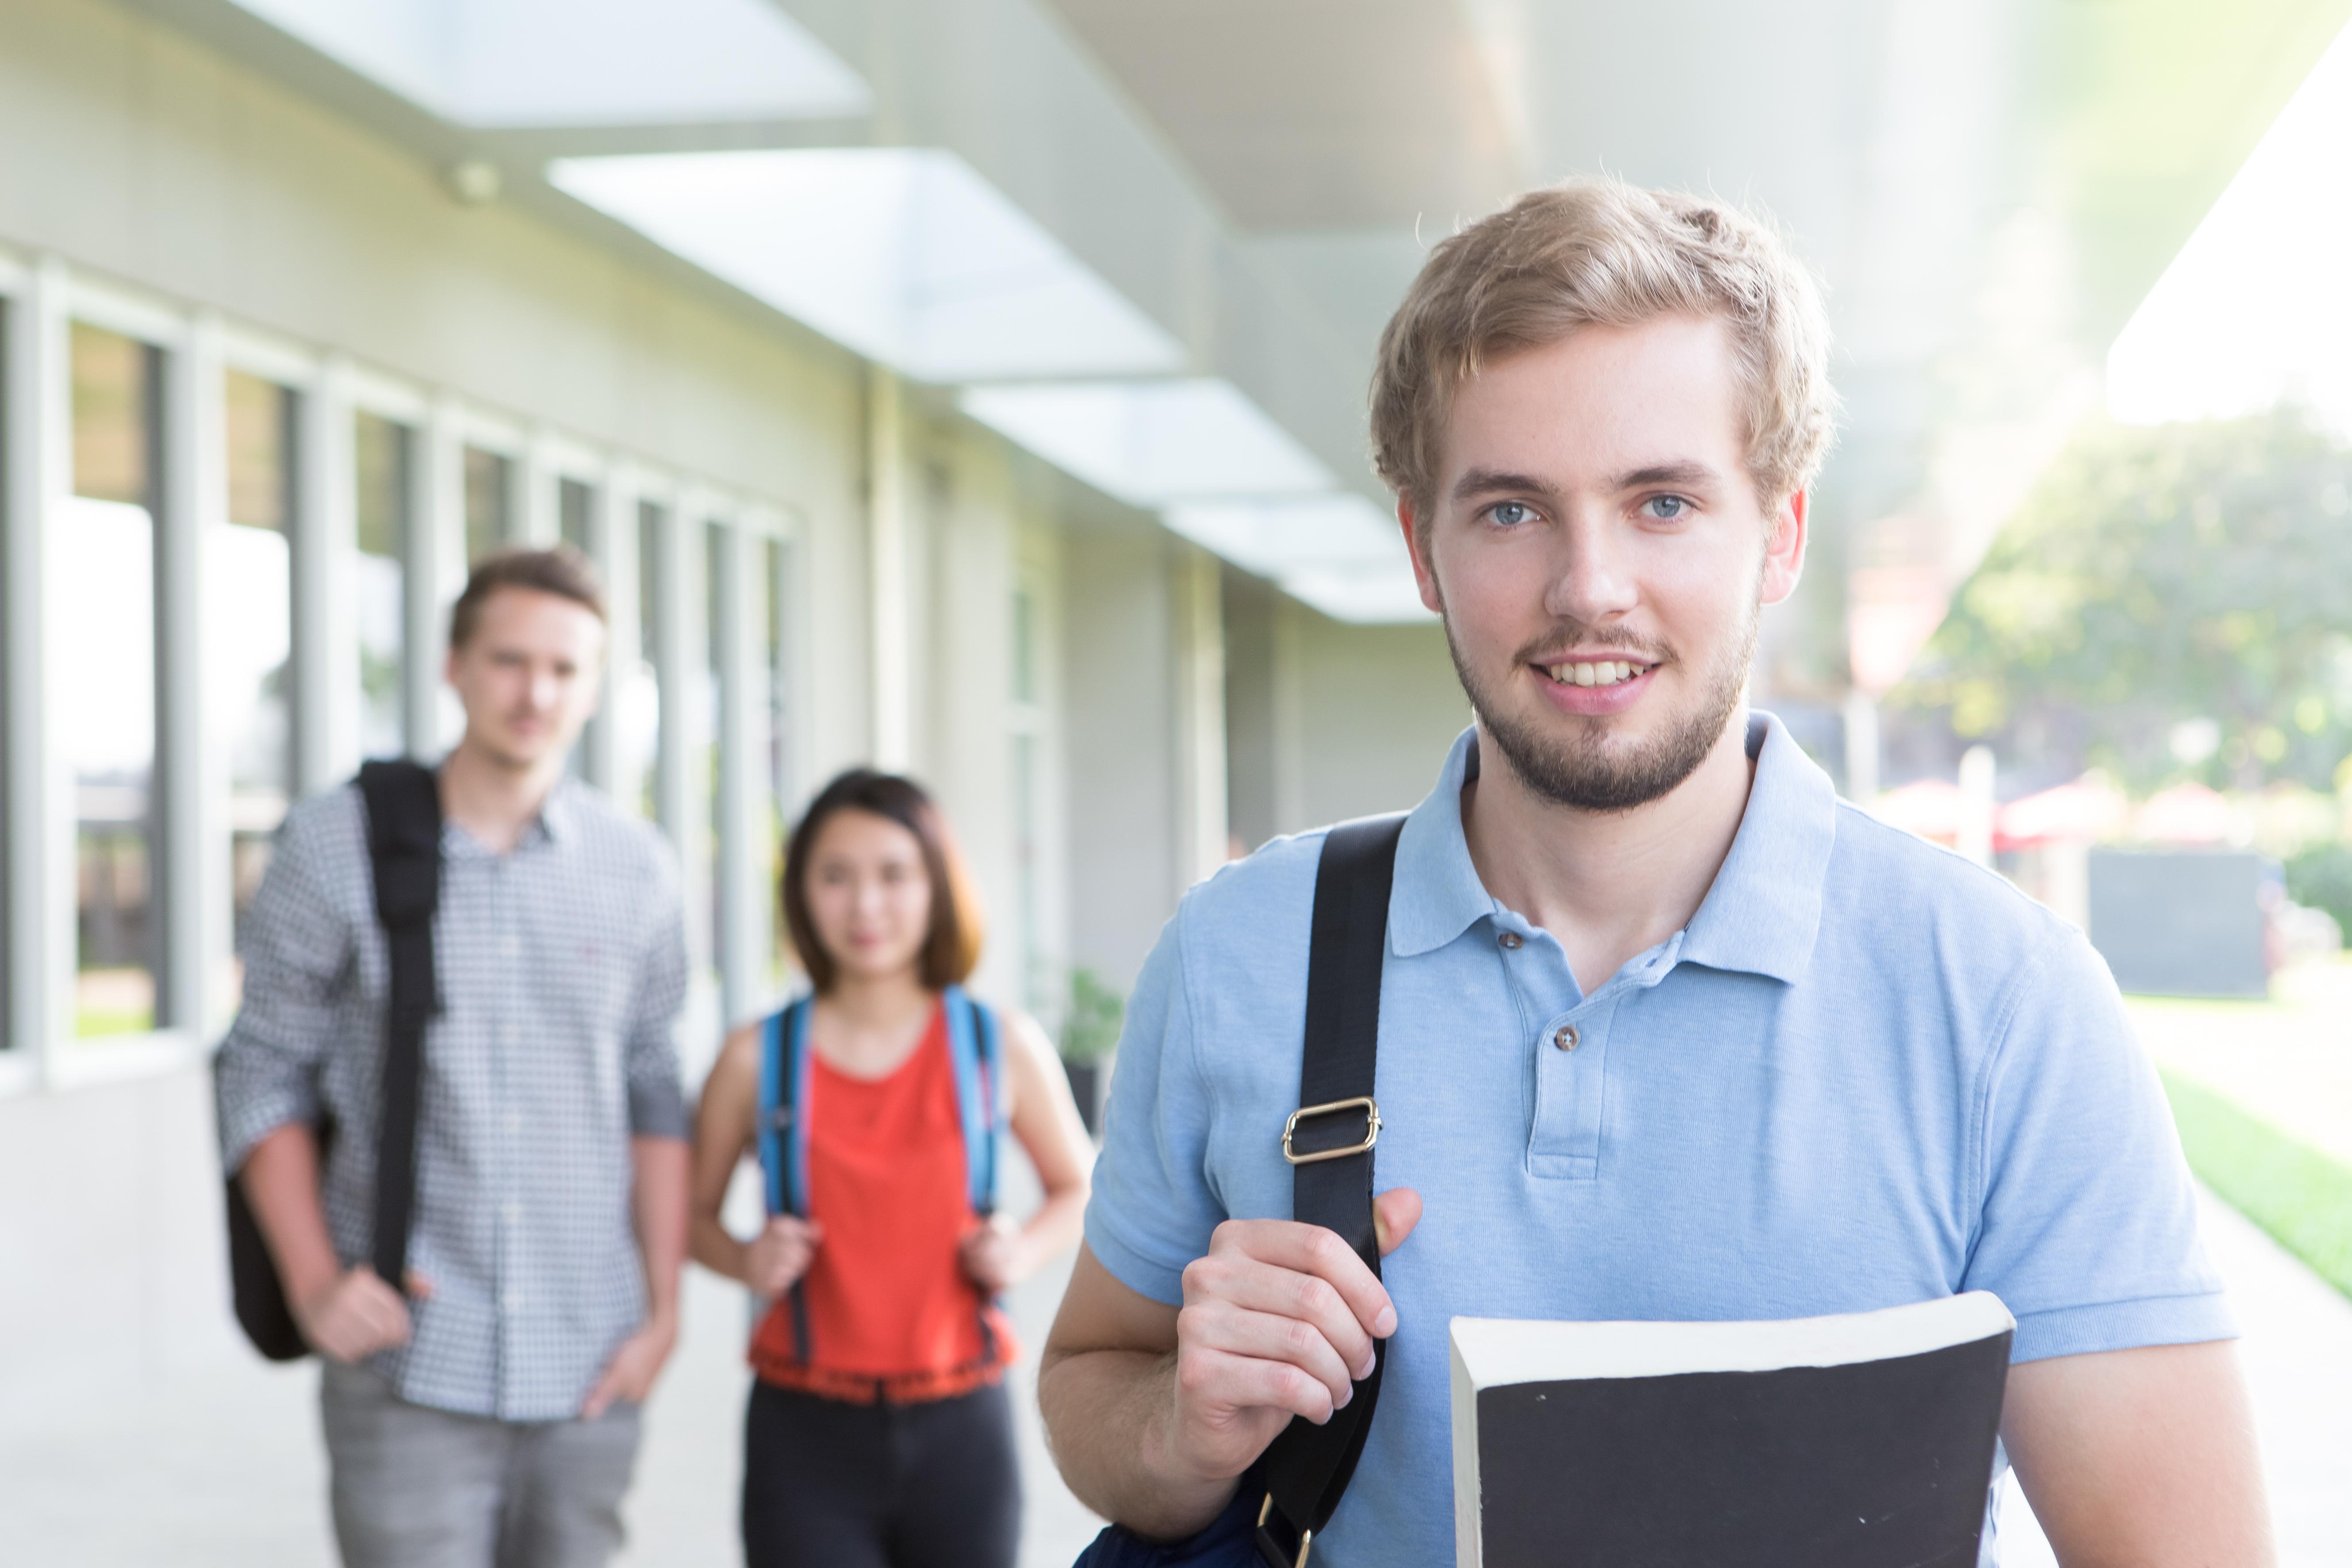 Üniversite Seçimi Yaparken Nelere Dikkat Edilir